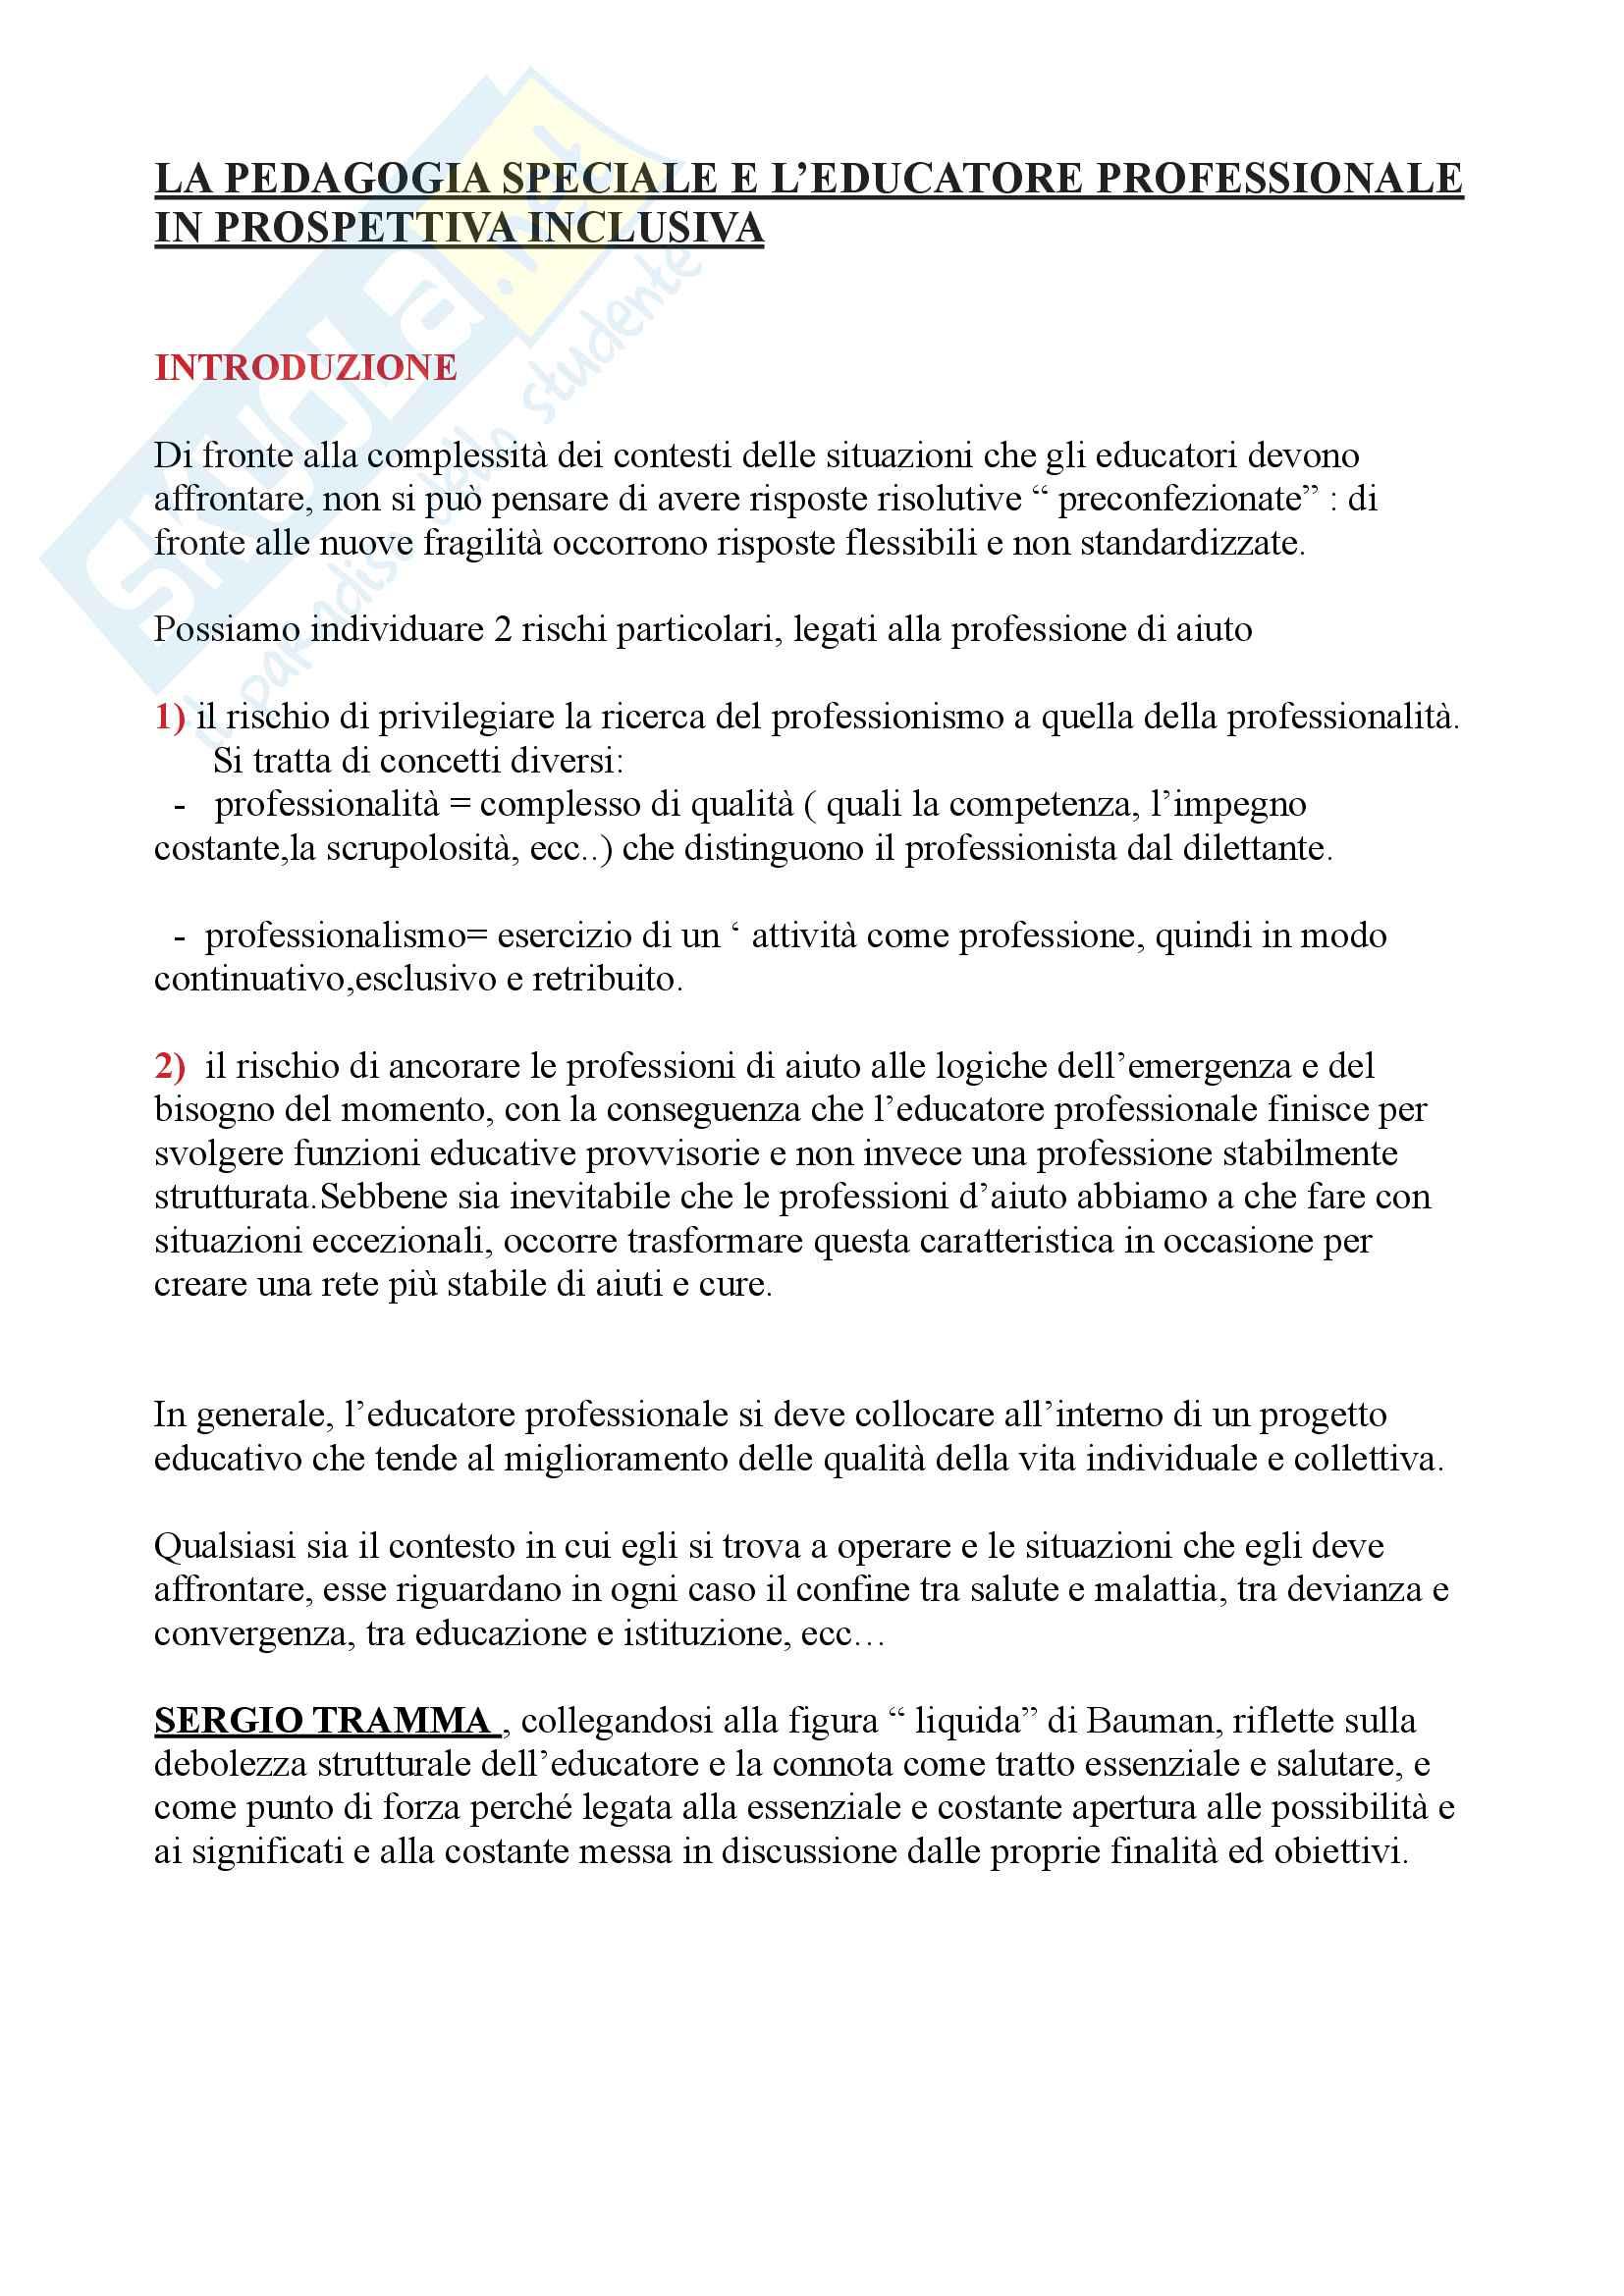 """Riassunto esame pedagogia speciale, prof. Patrizia Gaspari, libro consigliato """"La pedagogia speciale e l'educatore in prospettiva inclusiva,P. Gaspari"""